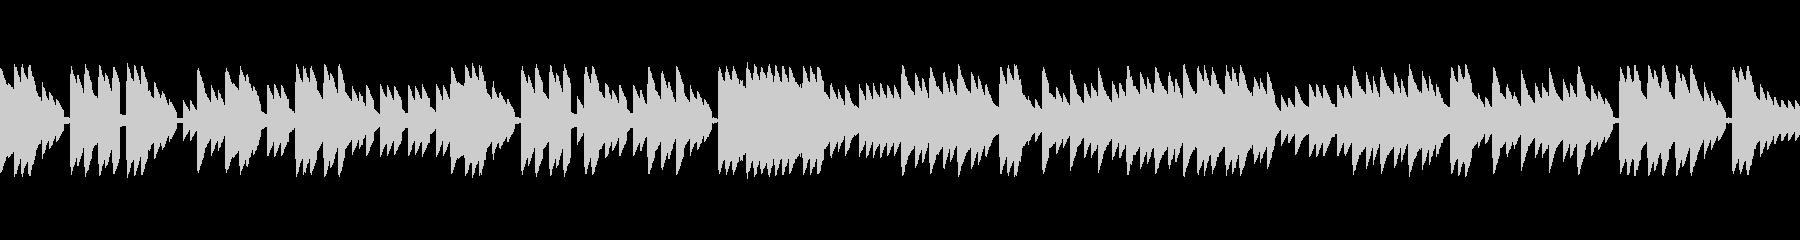 レトロゲームのフィールド曲のイメージ。の未再生の波形